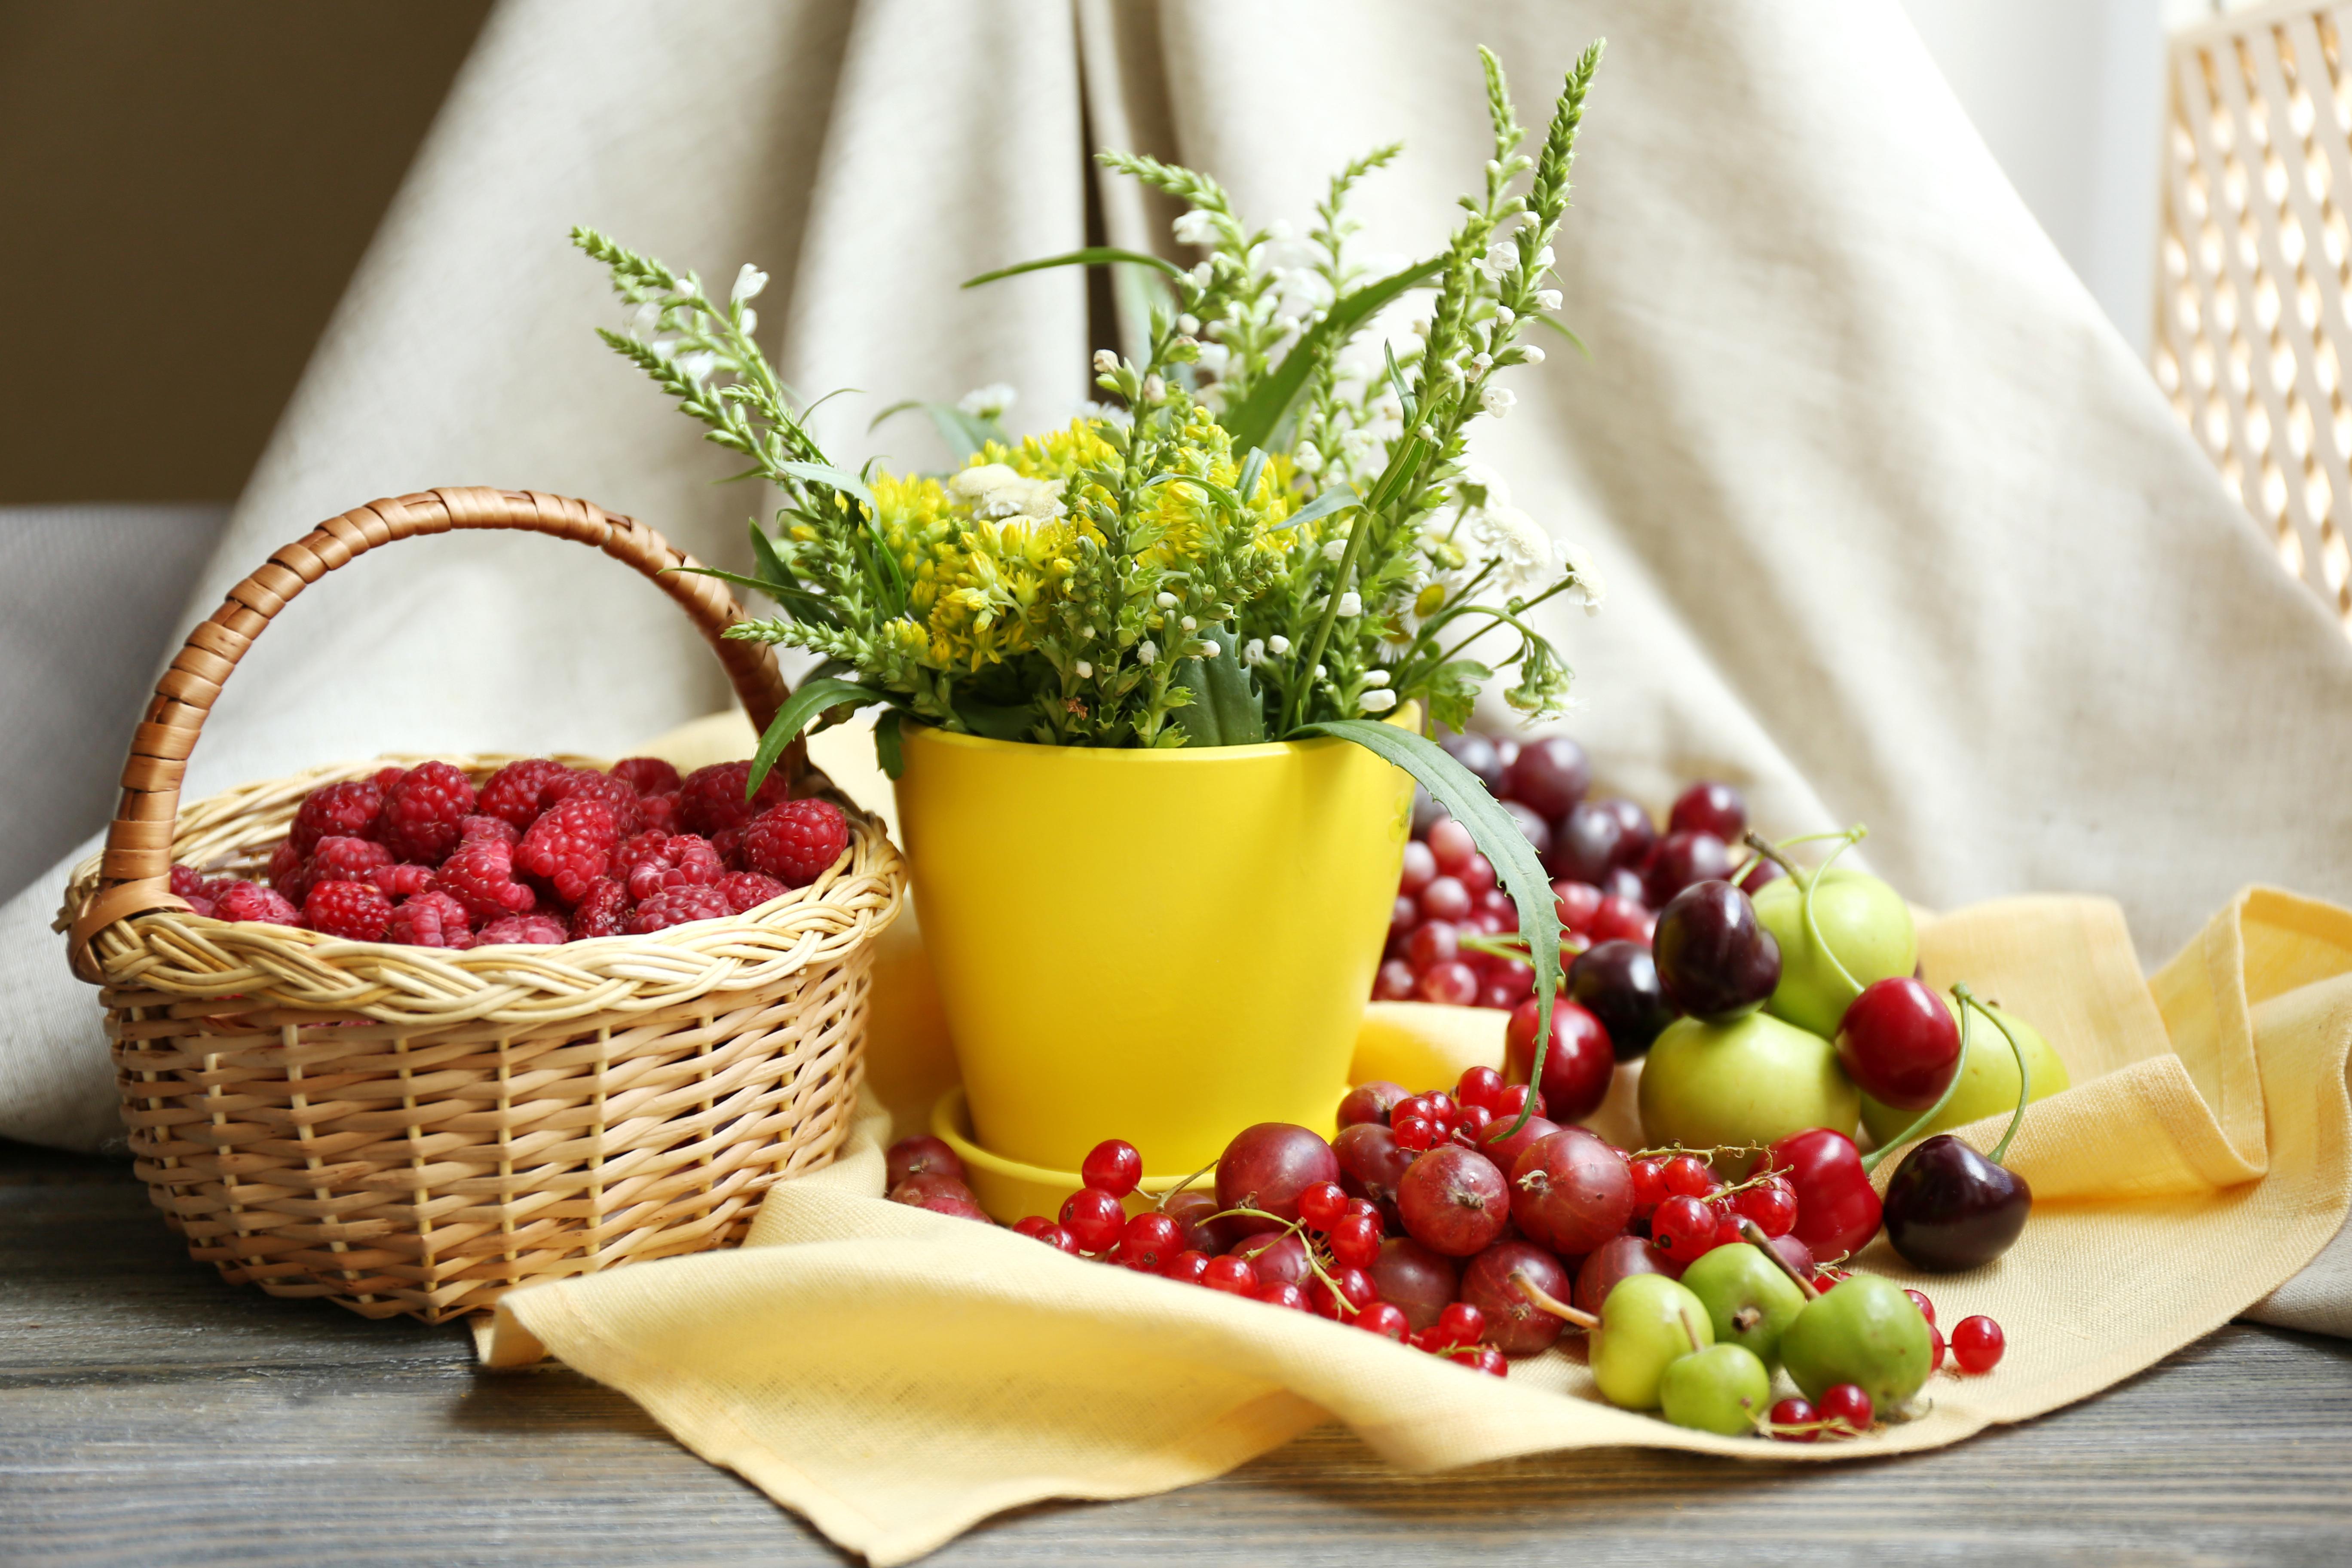 Обои на рабочий стол натюрморт с цветами и фруктами